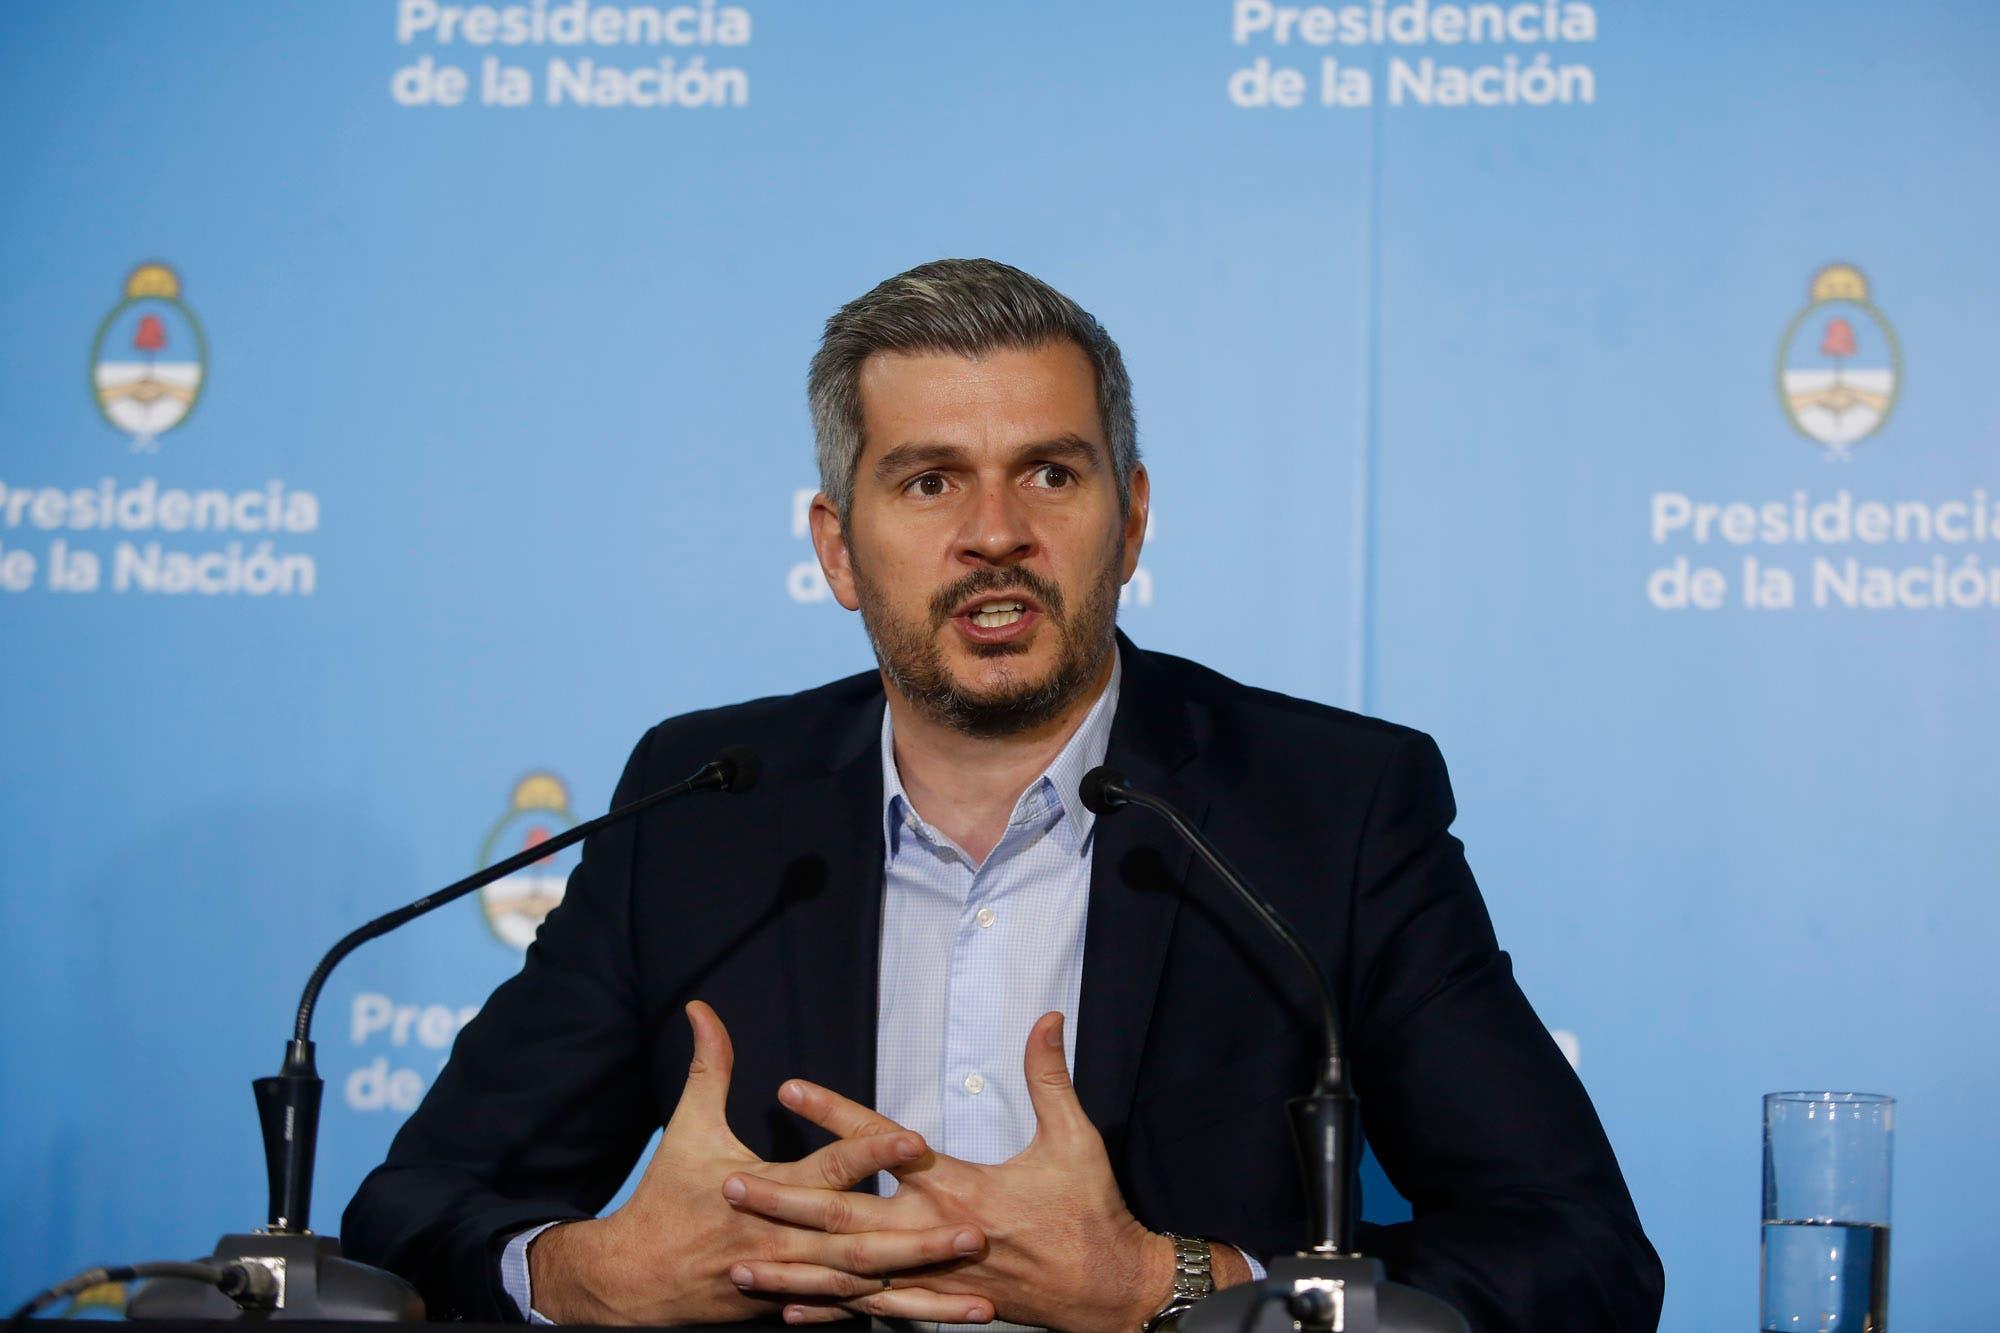 """Marcos Peña: """"Cristina no da la cara y no aparece dando la discusión pública"""""""